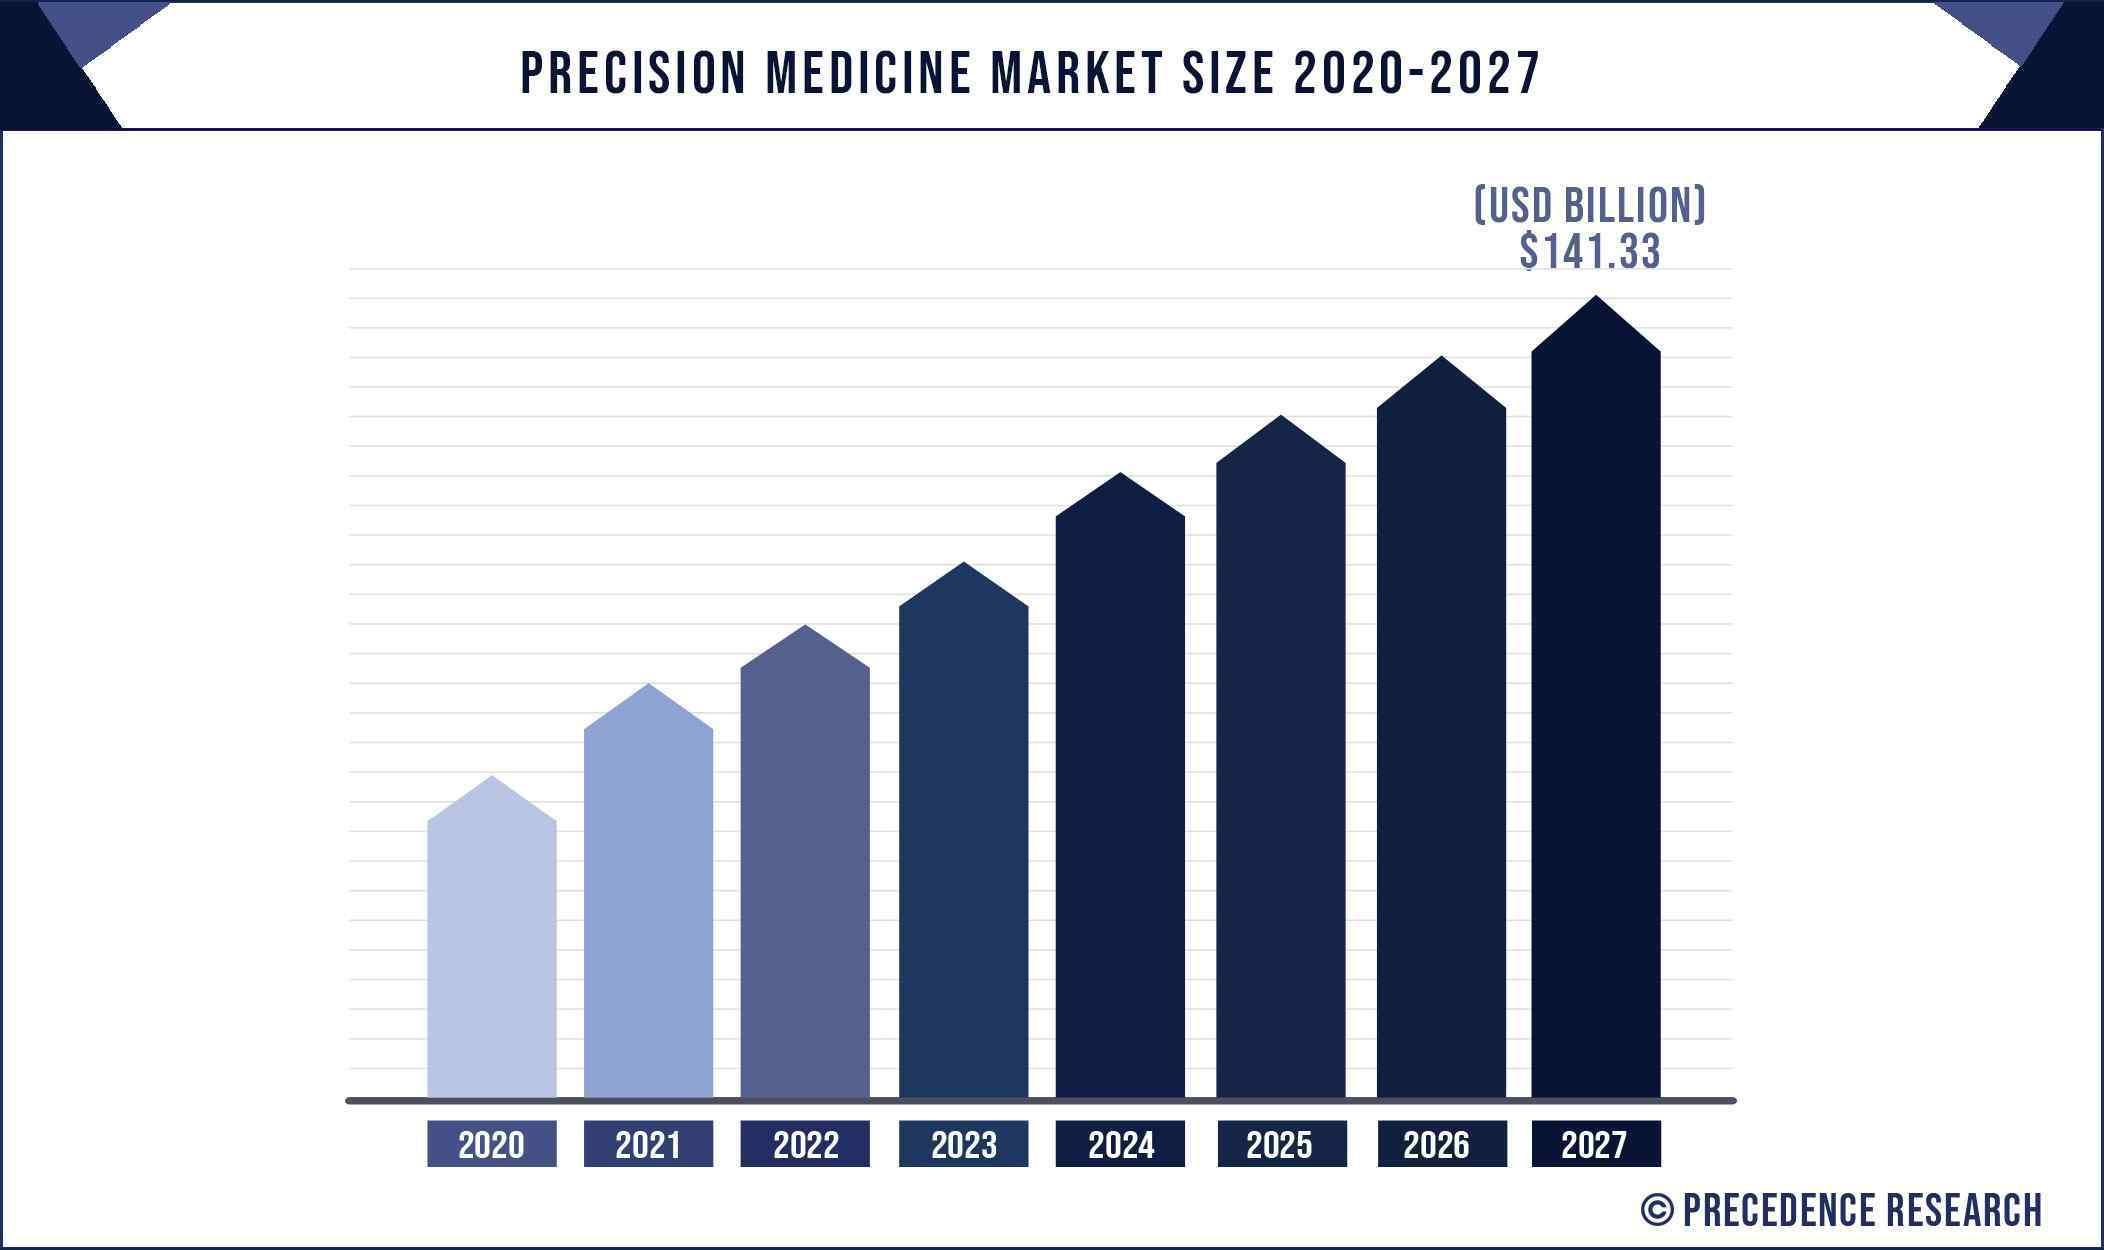 Precision Medicine Market Size 2020 to 2027